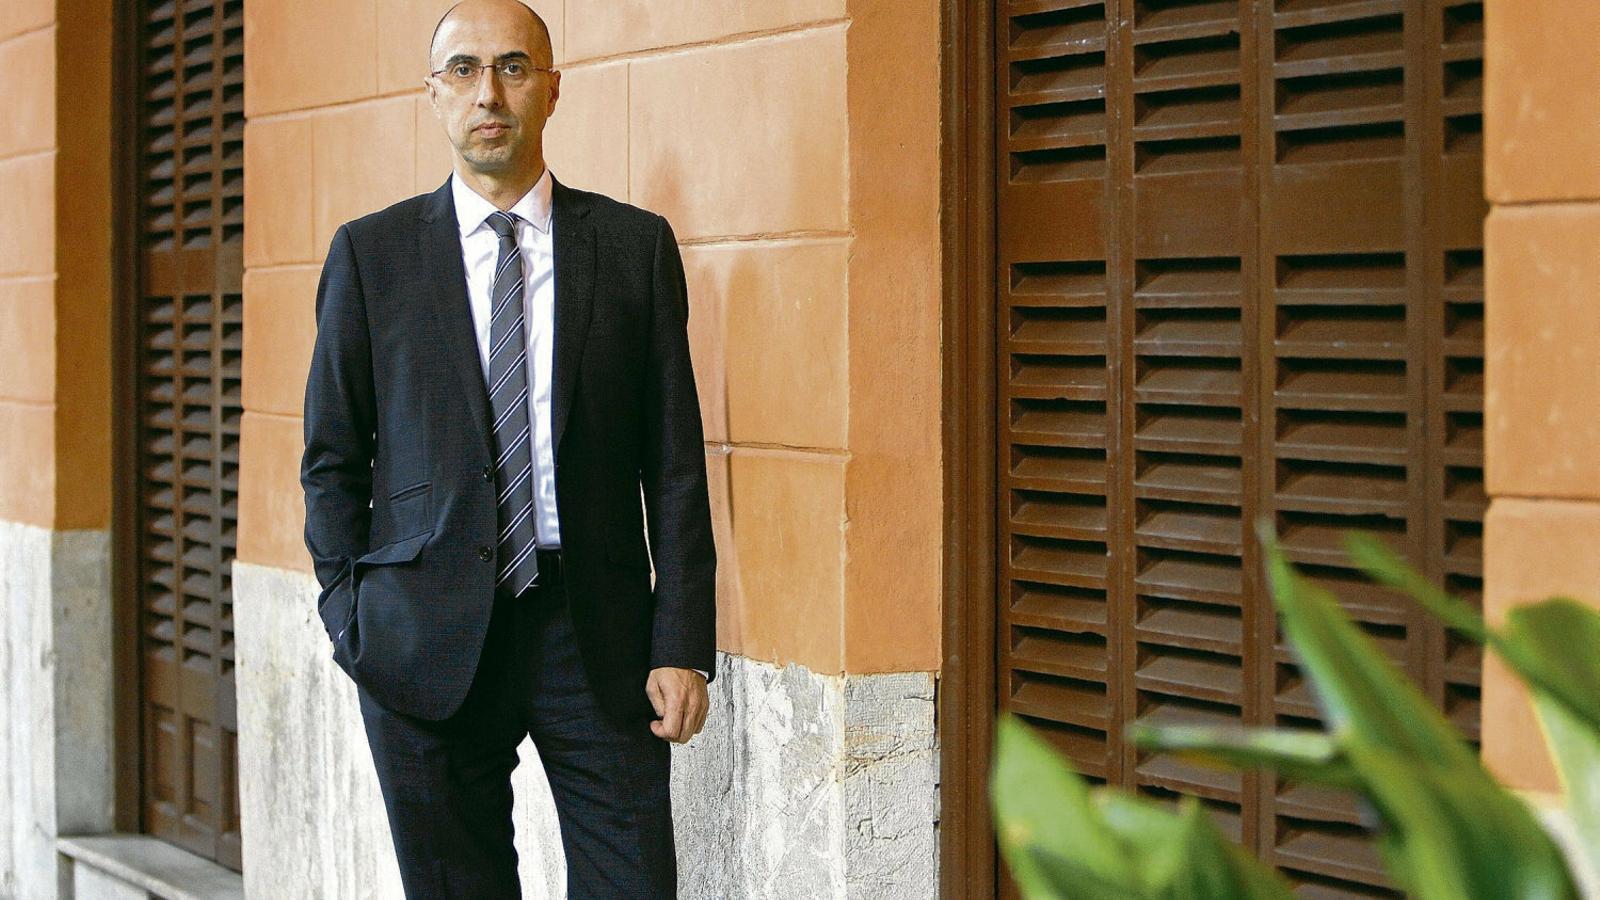 El director de l'Oficina Anticorrupció, Jaume Far, en una imatge d'arxiu